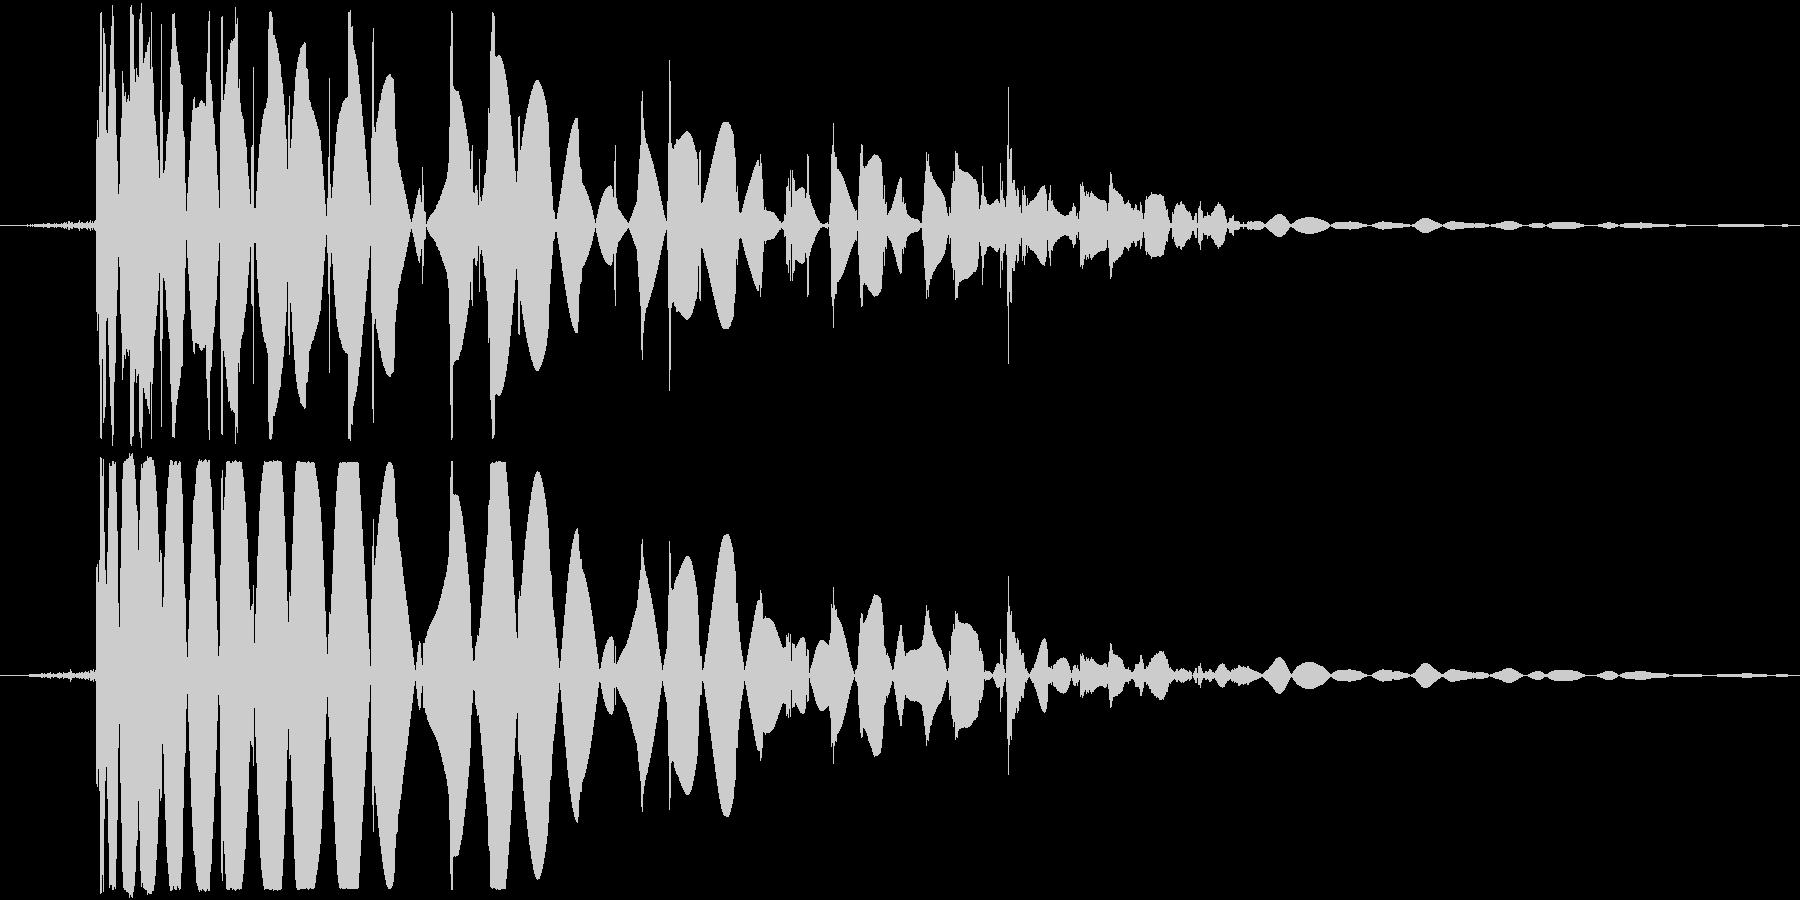 ドゴッ!という打撃音ですの未再生の波形